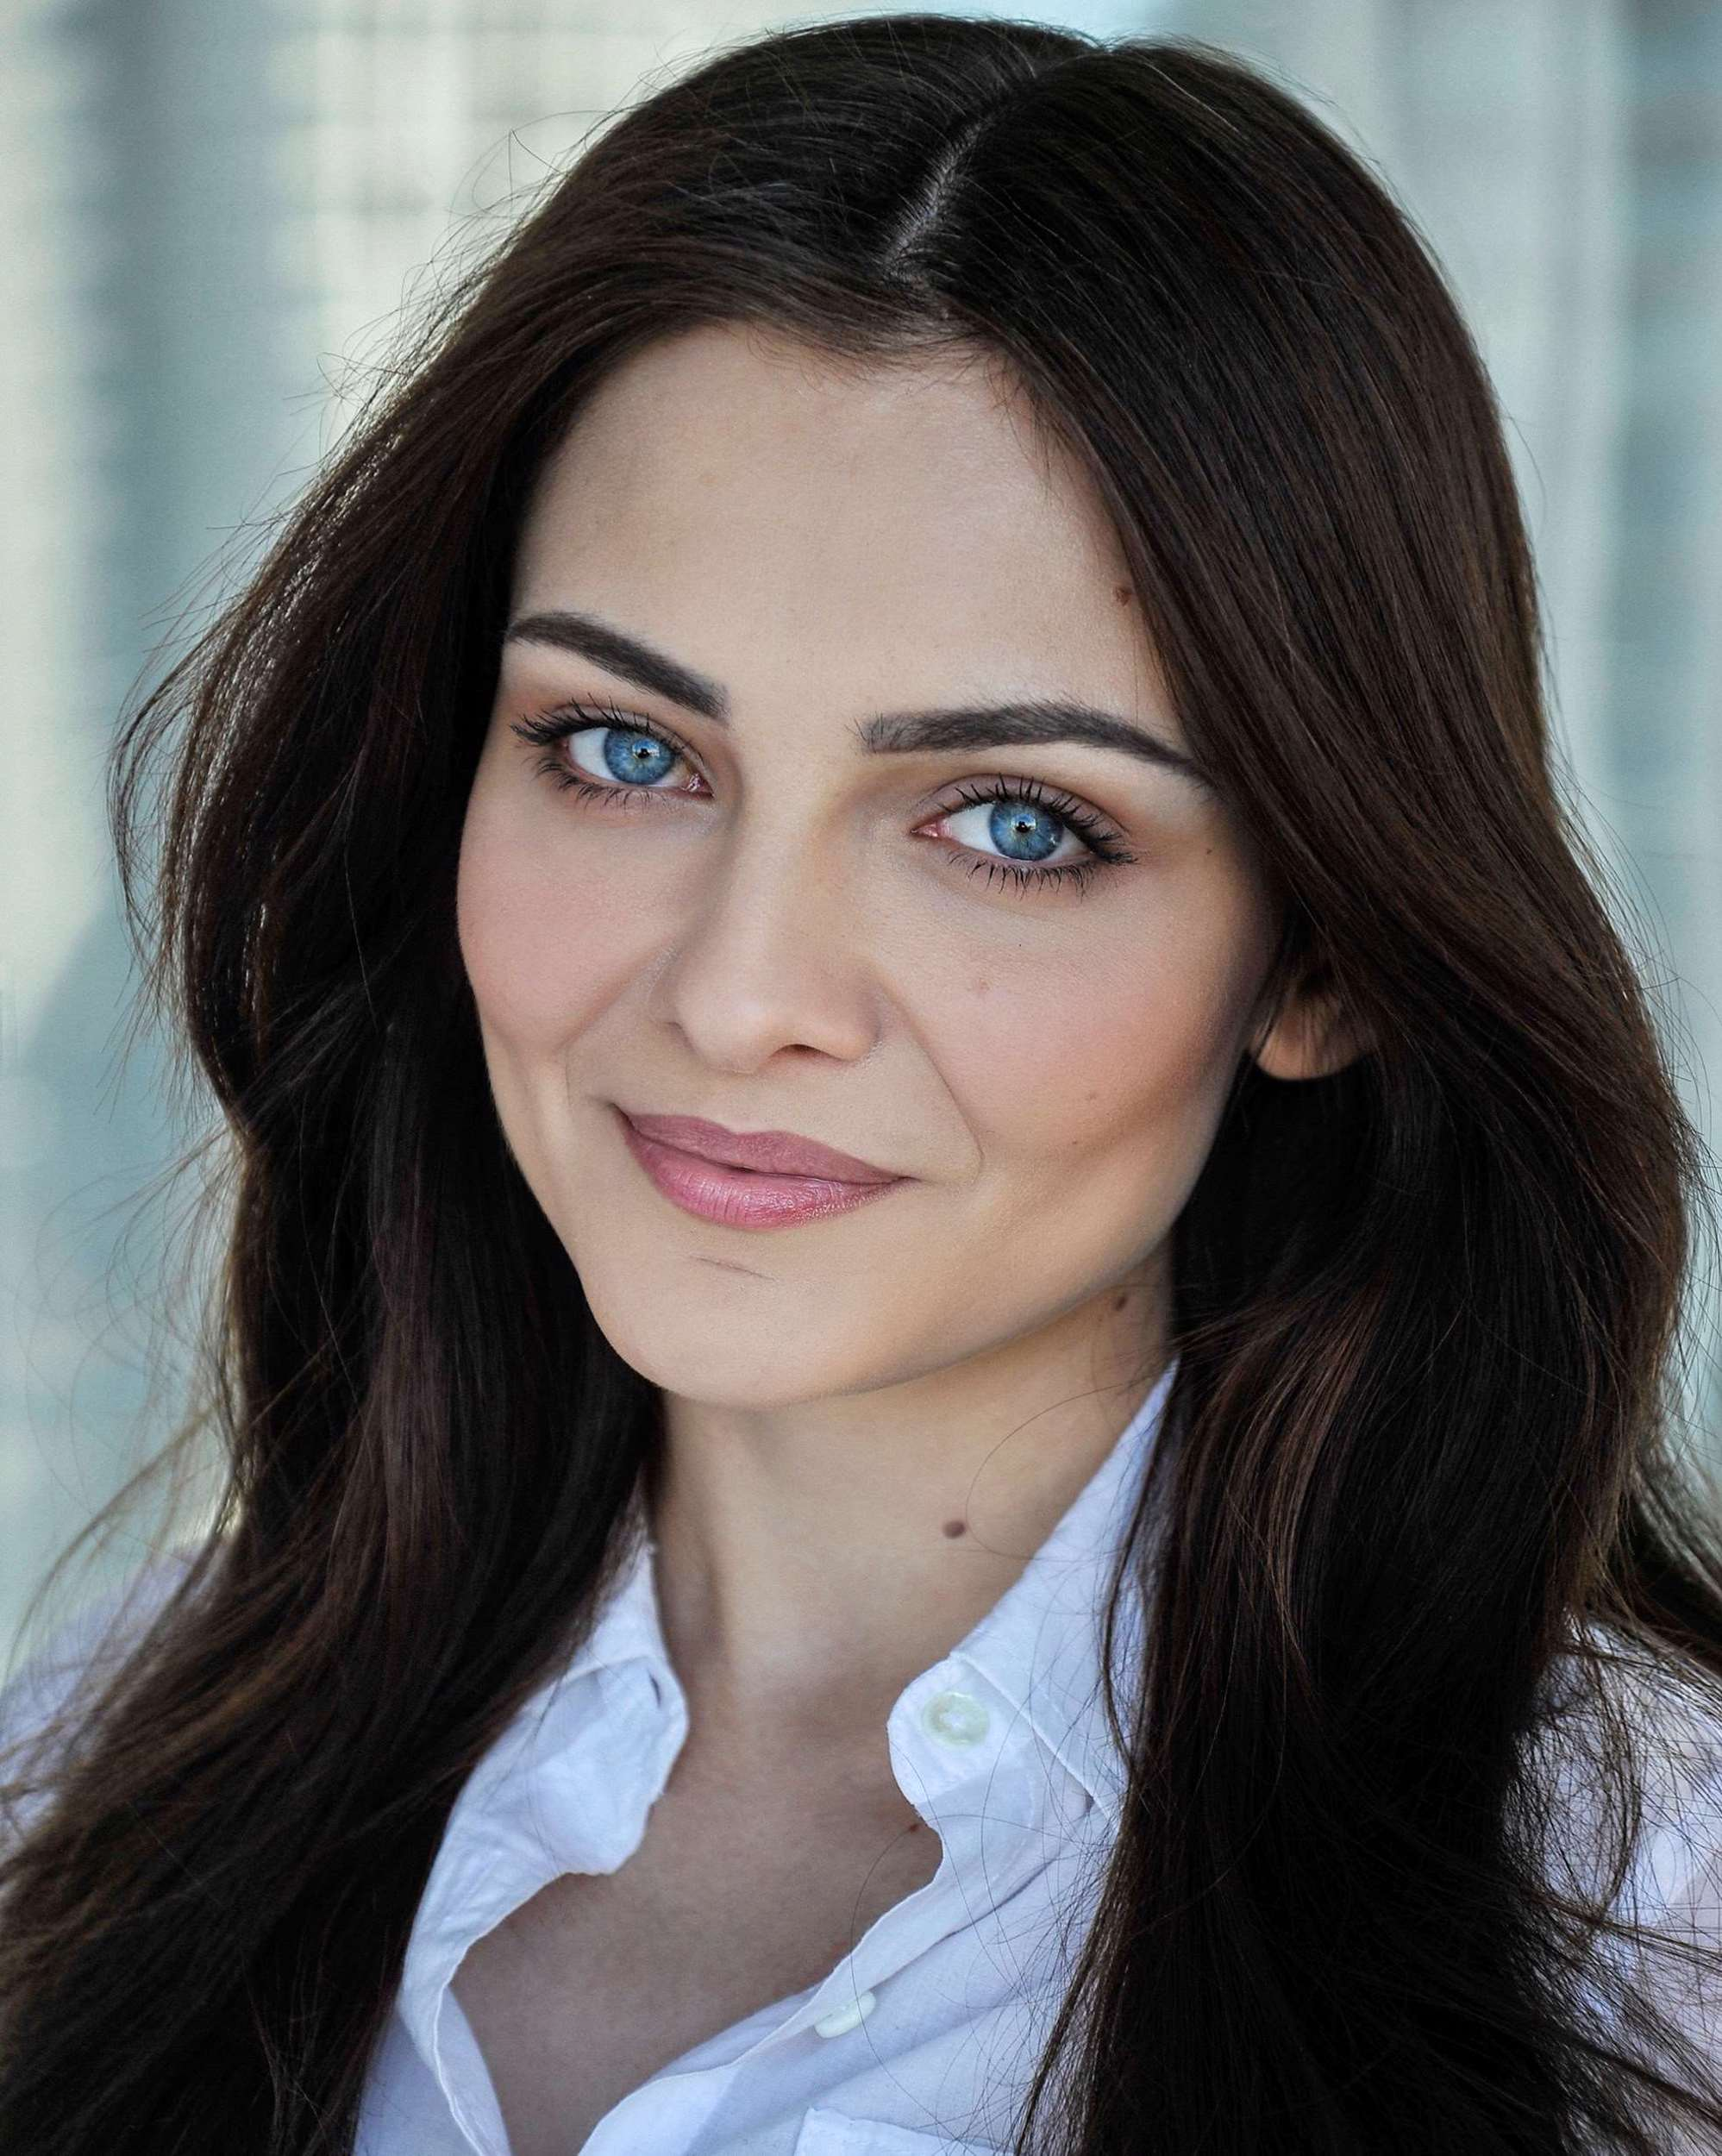 Jelena Milinkovic